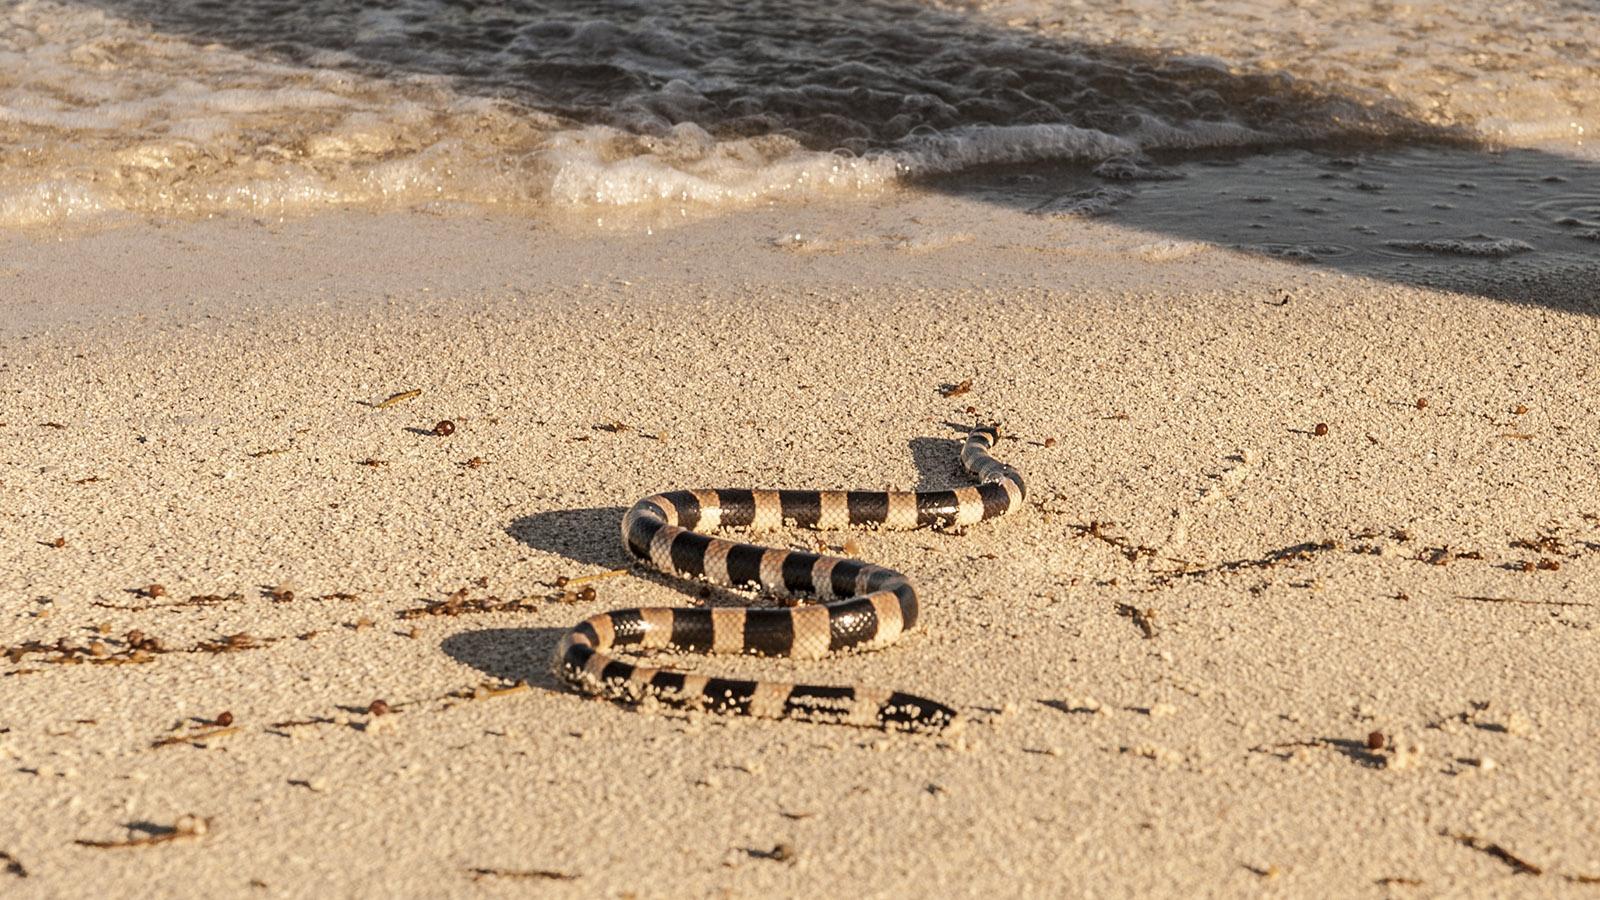 Îlot Maître: Die Giftschlange Tricot Rayé ist überall im Süden von Neukaledonien am Meer zu finden. Foto: Hilke Maunder